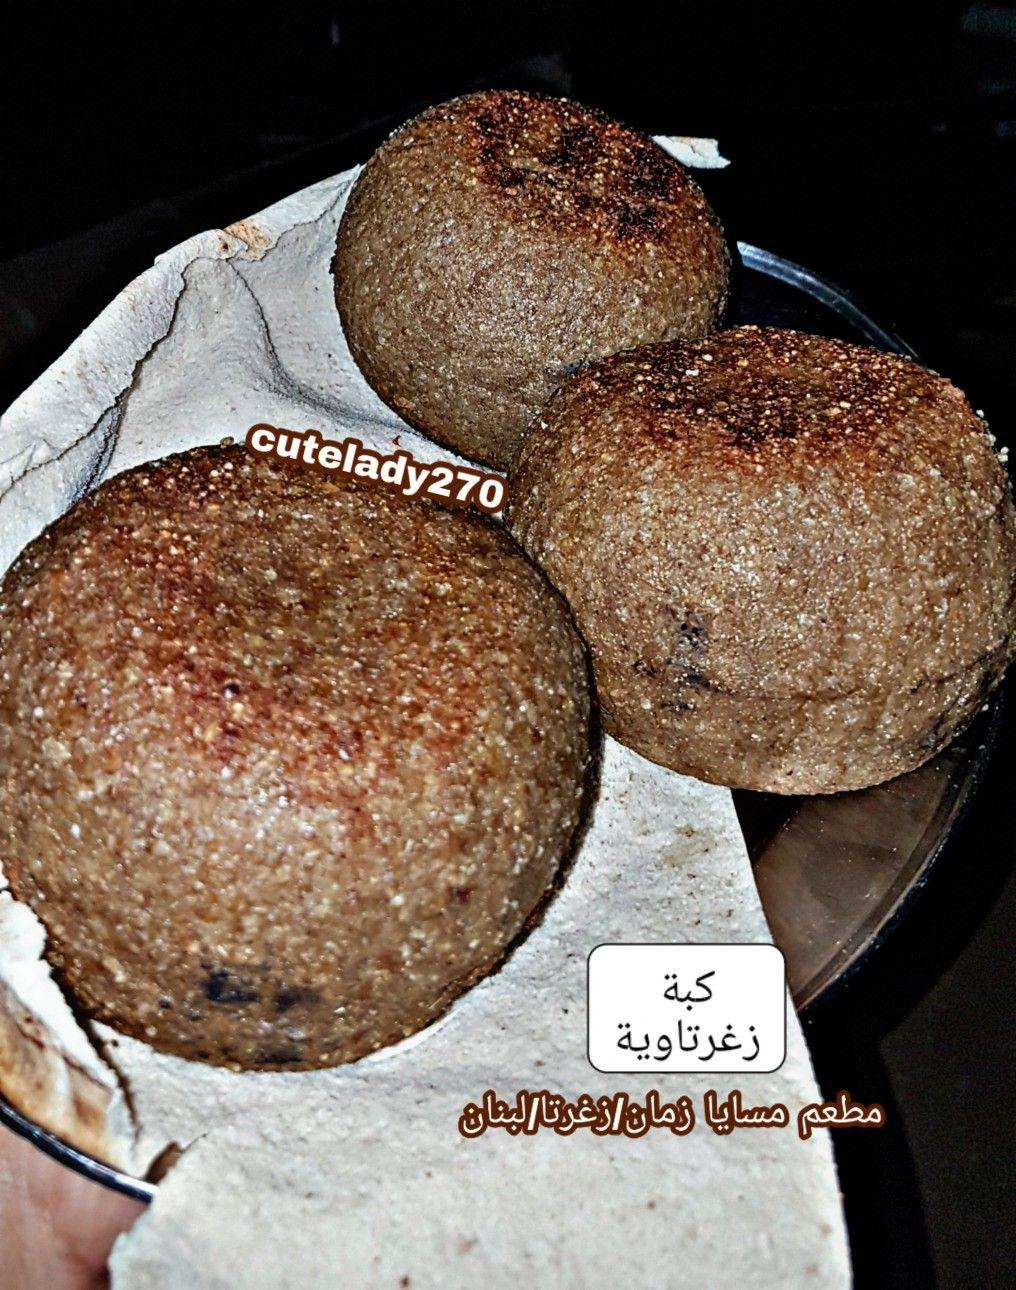 كبة زغرتاوية لبنانية Food Breakfast Bun